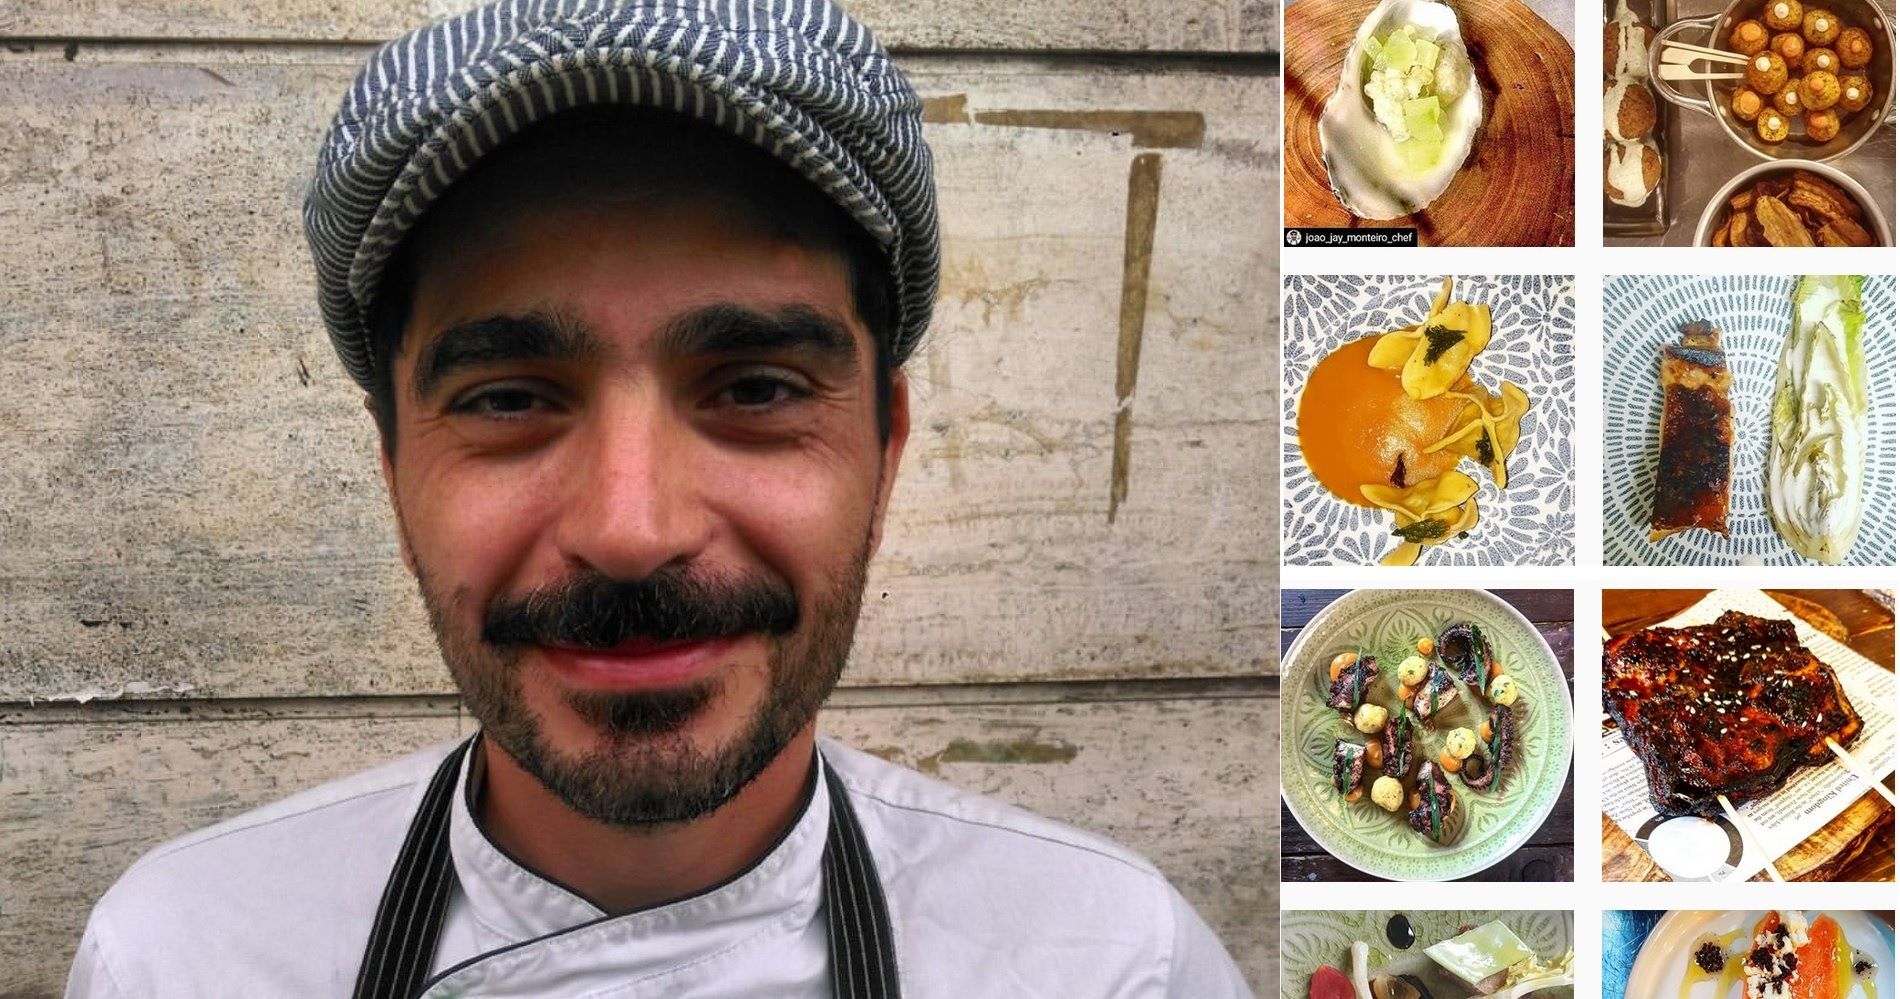 """<span class=""""entry-title-primary"""">Puntata in cucina: intervista allo chef Joao Monteiro</span> <span class=""""entry-subtitle"""">Lo chef di origini portoghesi racconta i numerosi aspetti della sua variegata cucina e la paragona a un bel film a lieto fine.</span>"""